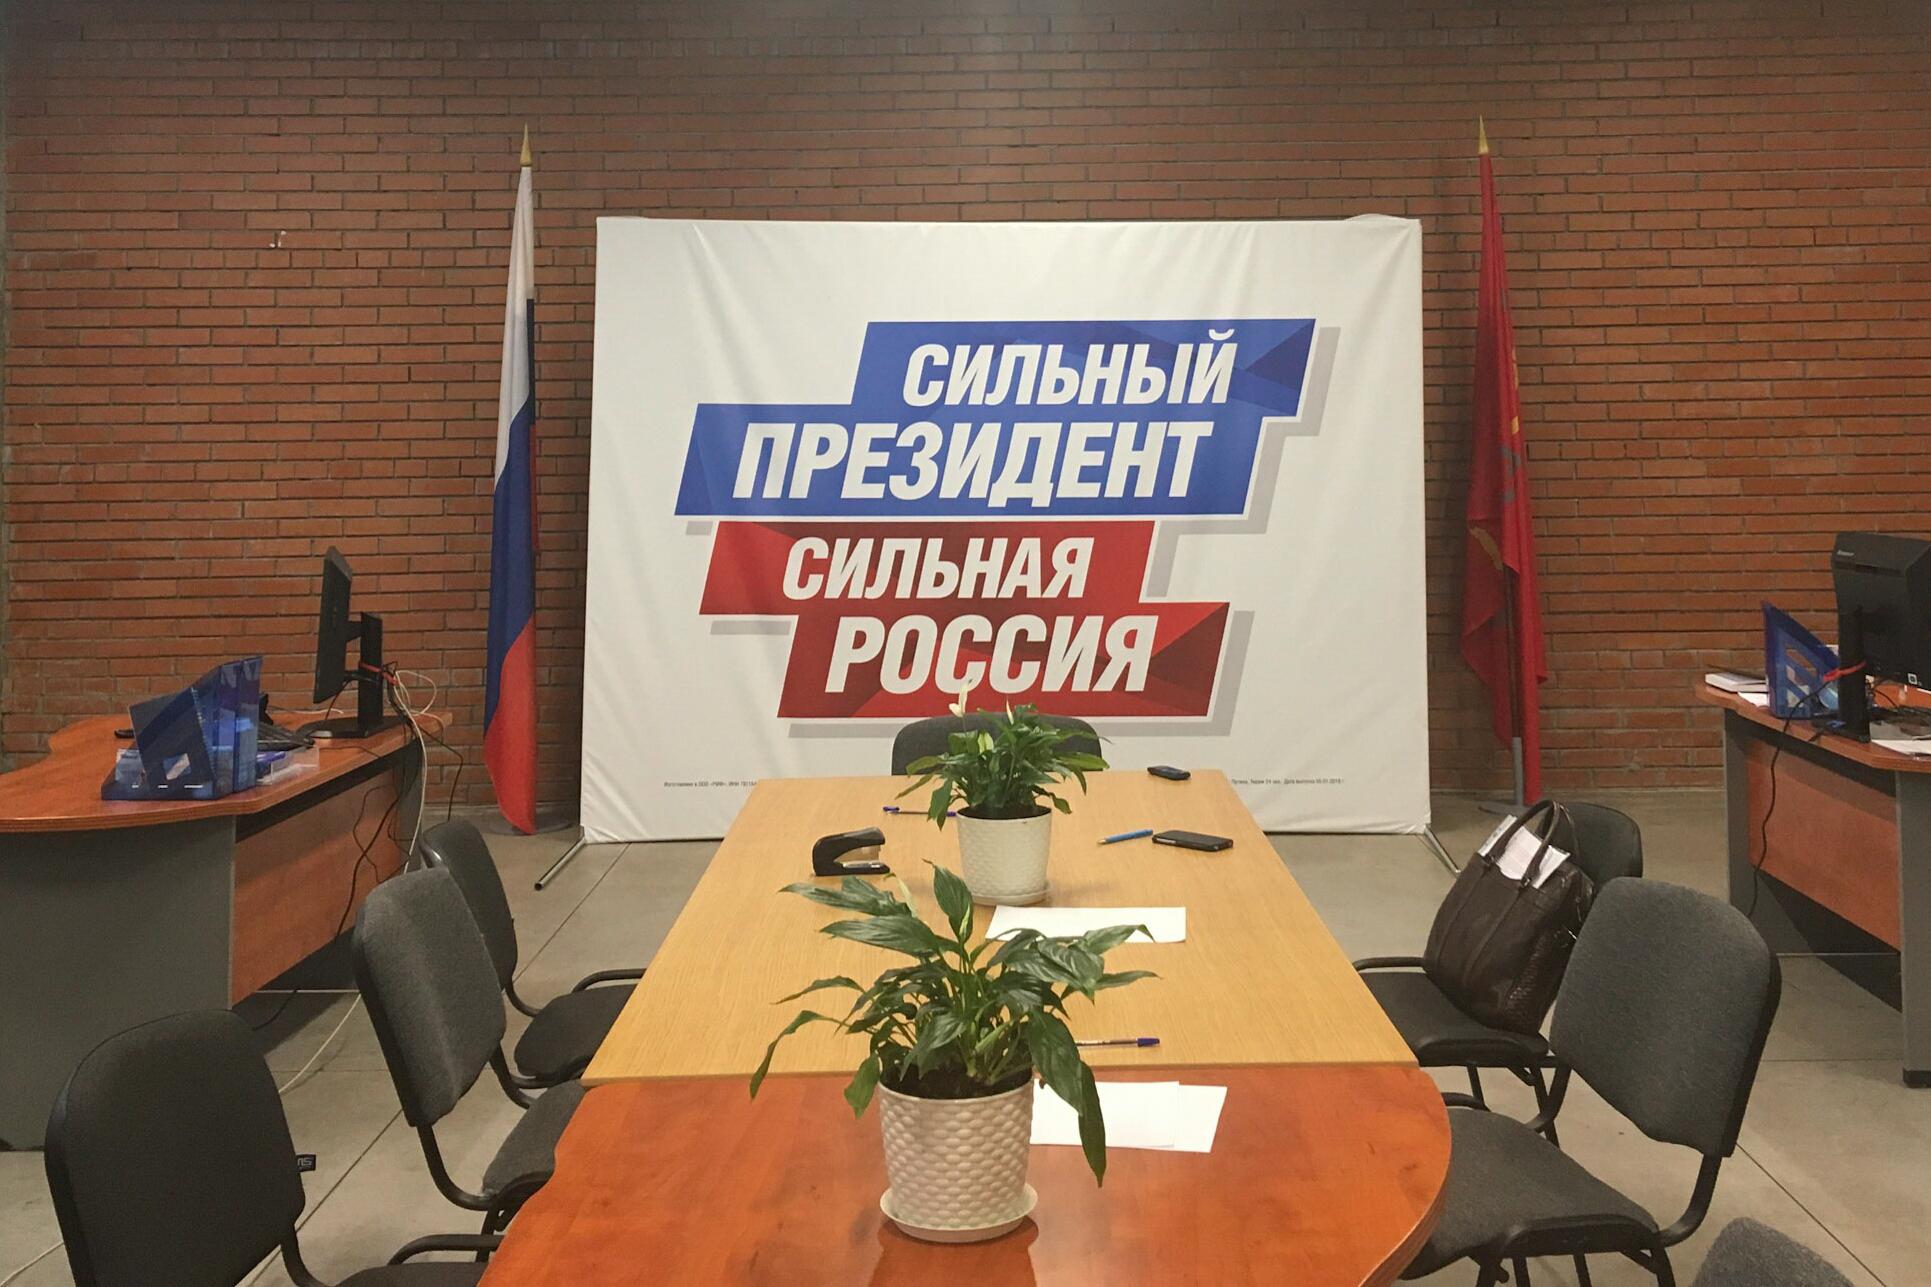 Что известно о петербургском штабе Путина, в котором работают четыре человека: чем занимаются сотрудники и кто ими руководит